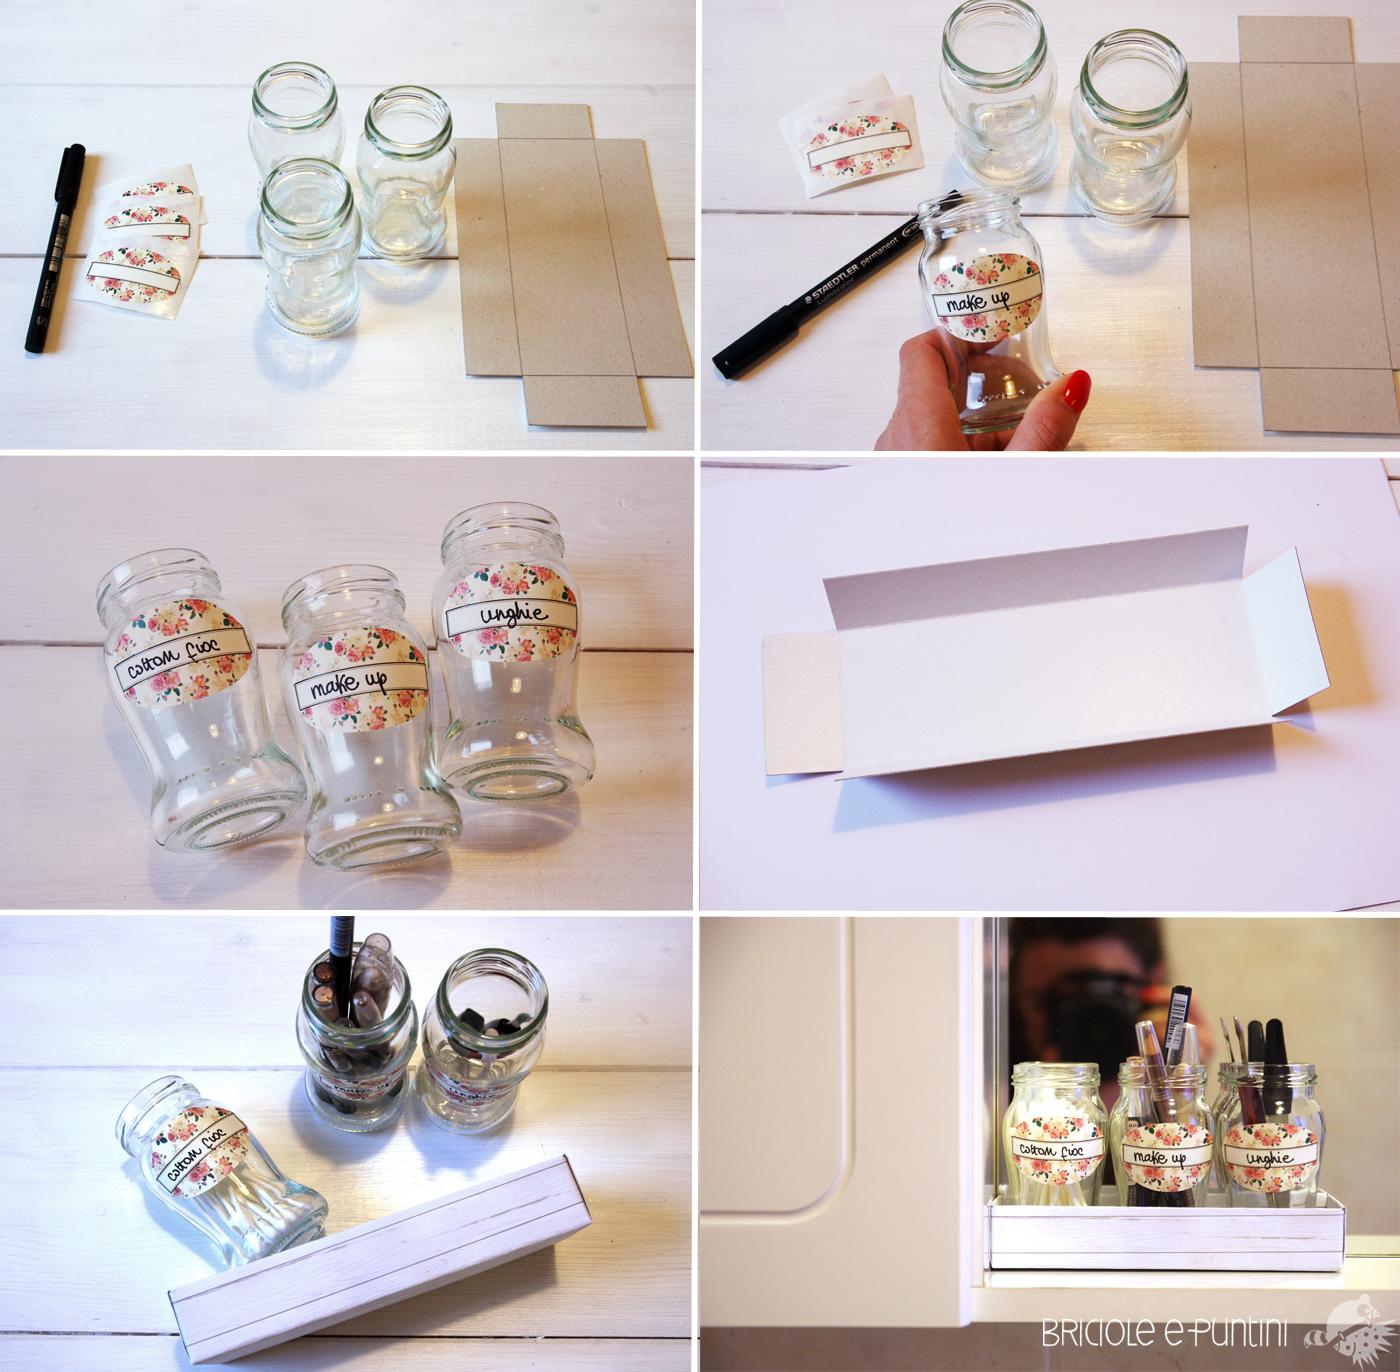 Wondervasetto riciclo creativo barattoli di vetro organizer bagno fai da te briciole e puntini - Cucito creativo bagno ...